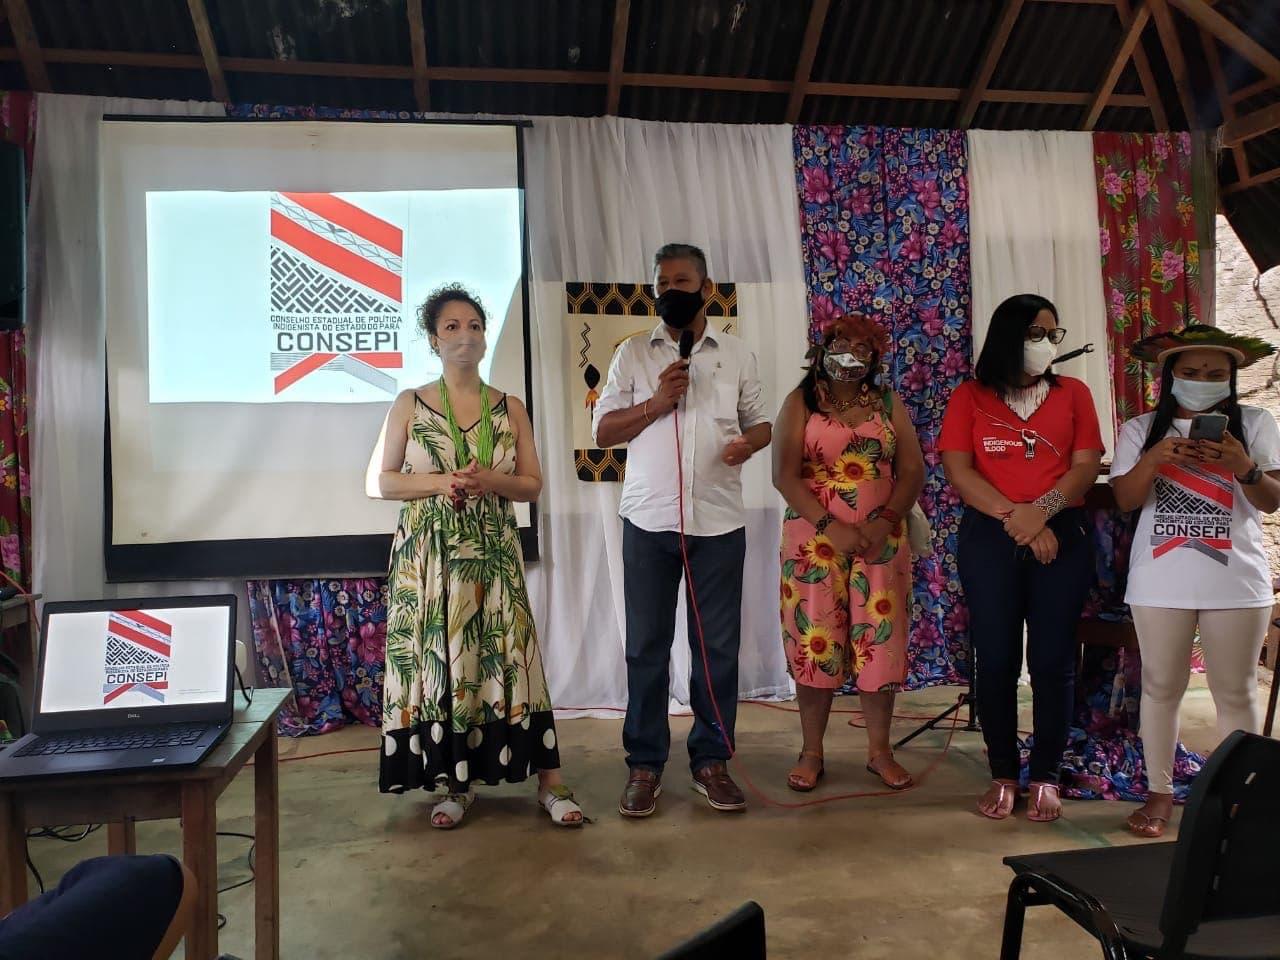 Conselho de Política Indigenista do Pará realiza reunião ordinária em Alter do Chão